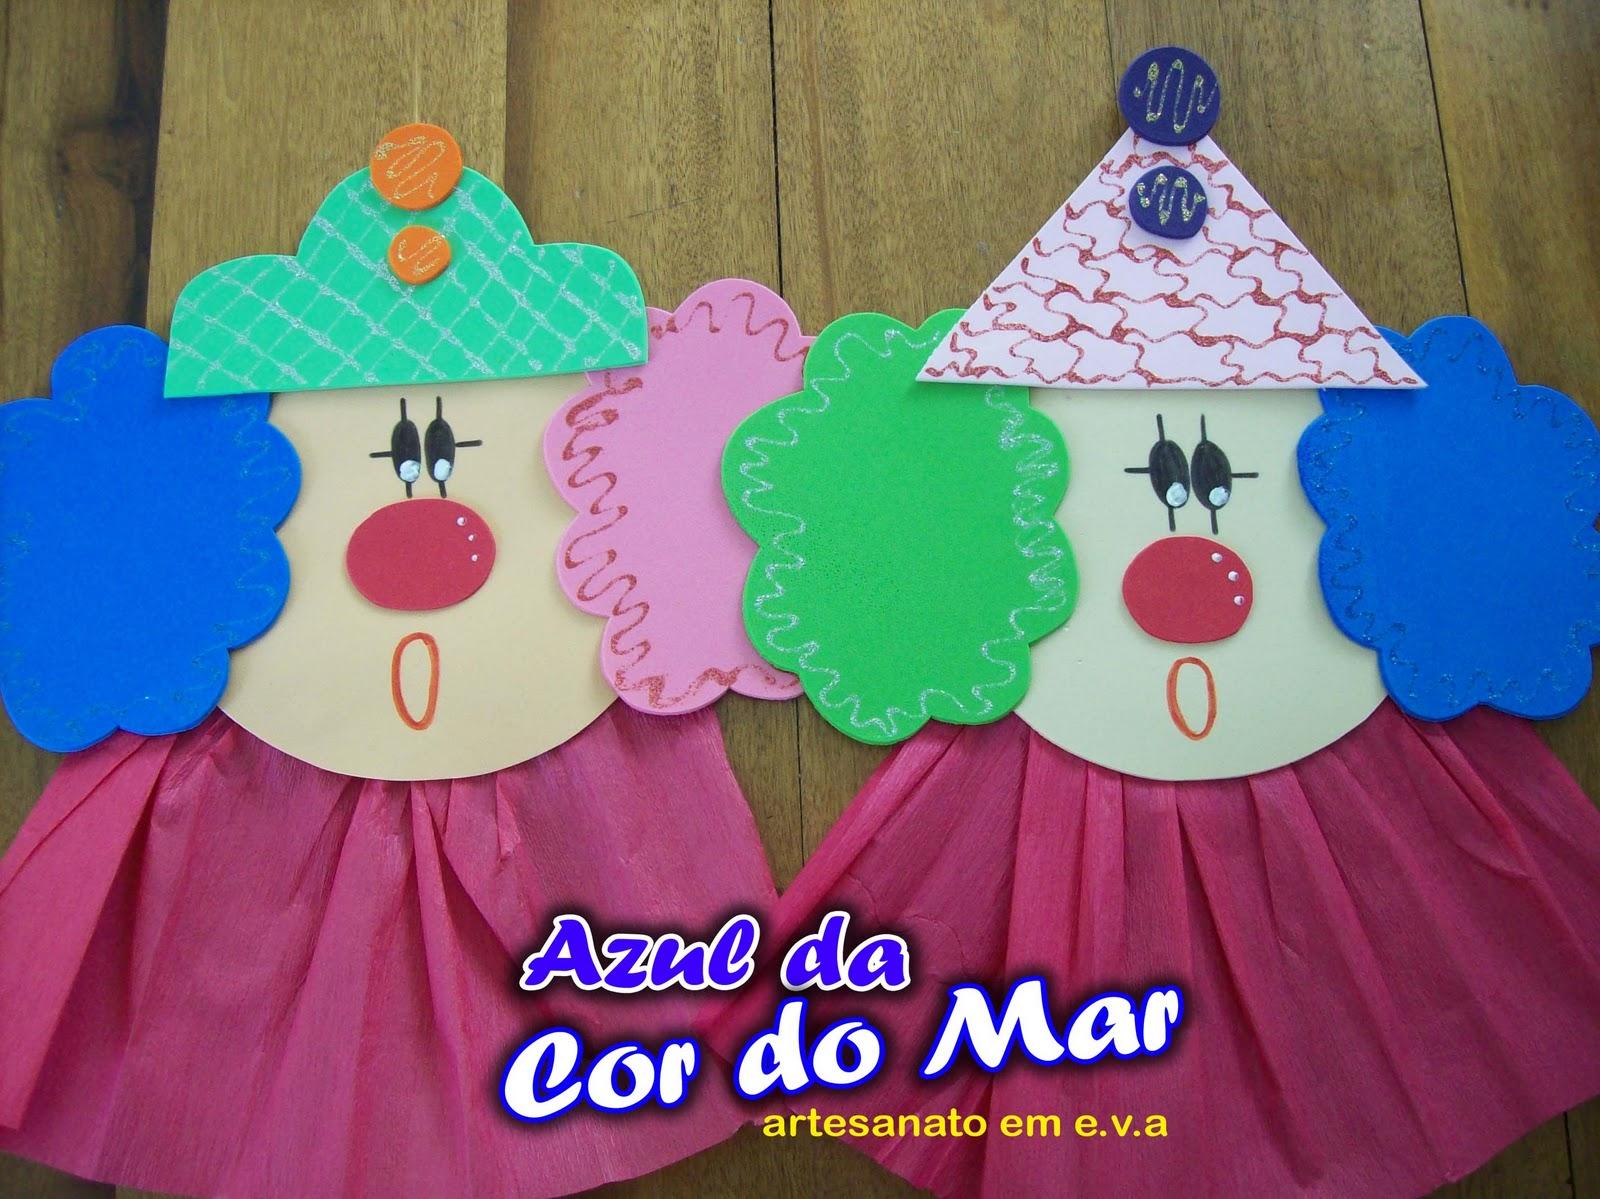 http://2.bp.blogspot.com/-_sql_T9A9KQ/TslC9oX9atI/AAAAAAAABhQ/bOU0PLhsl_Y/s1600/102_0641.JPG